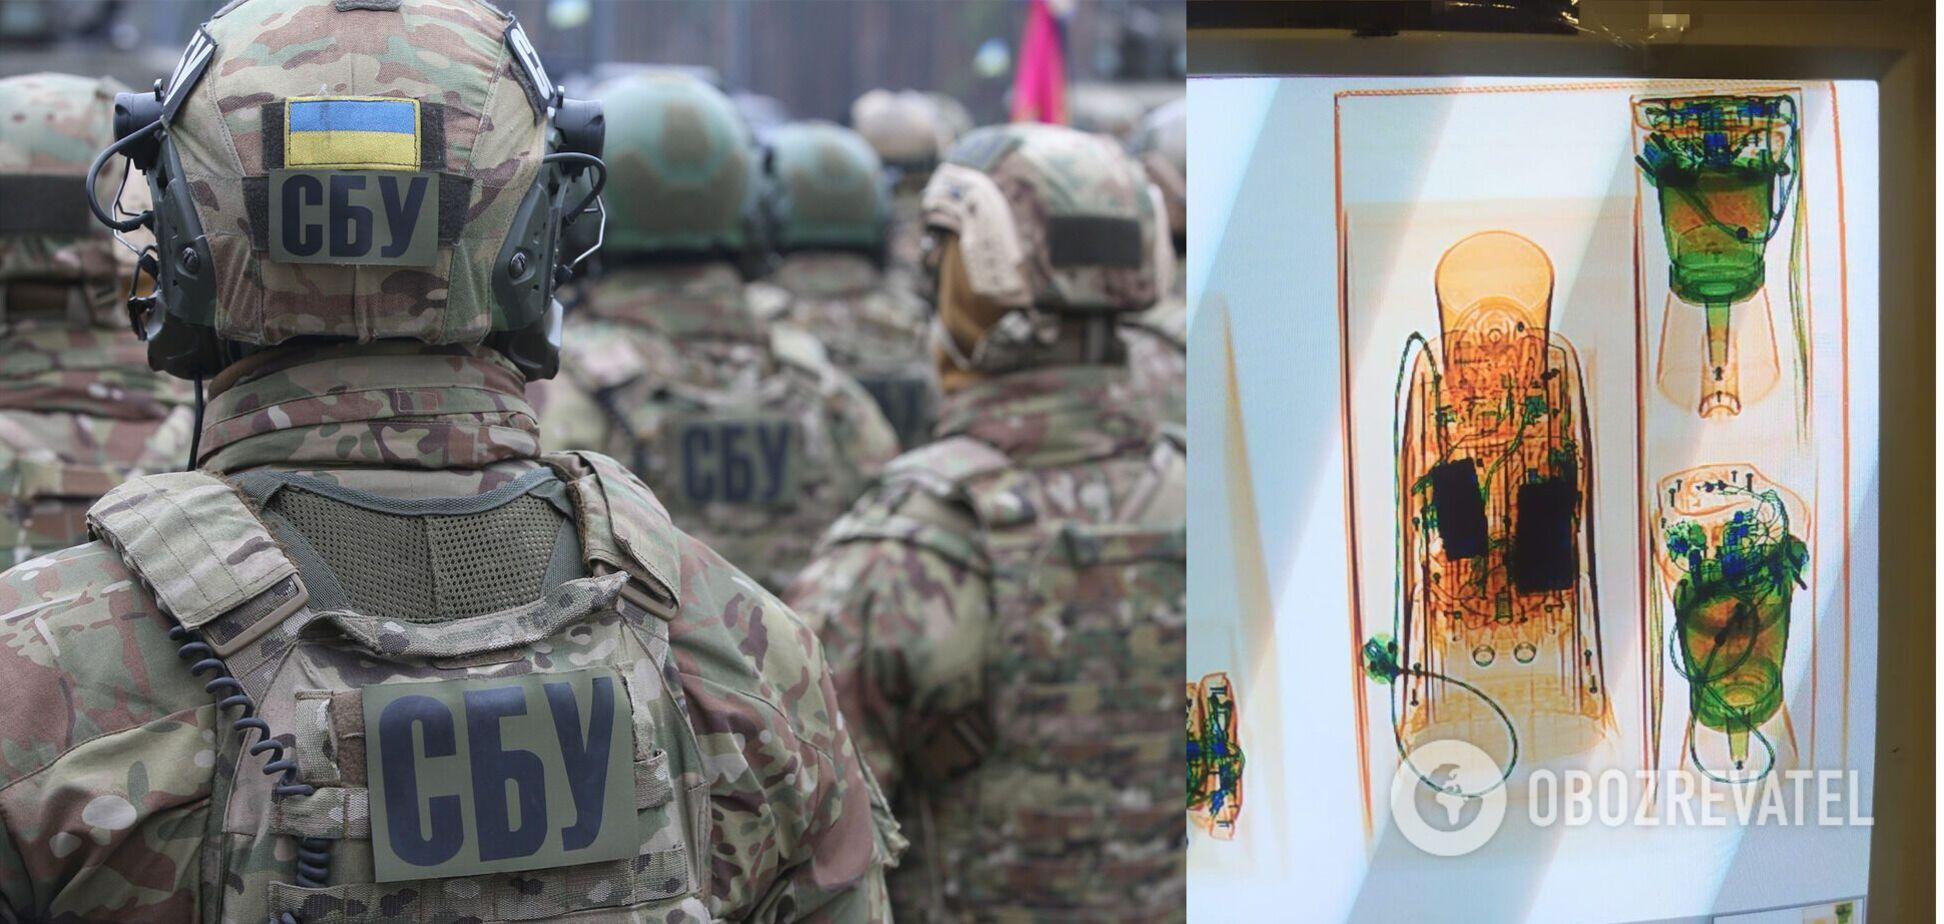 СБУ заблокувала контрабанду кокаїну в кавоварках із ЄС. Фото